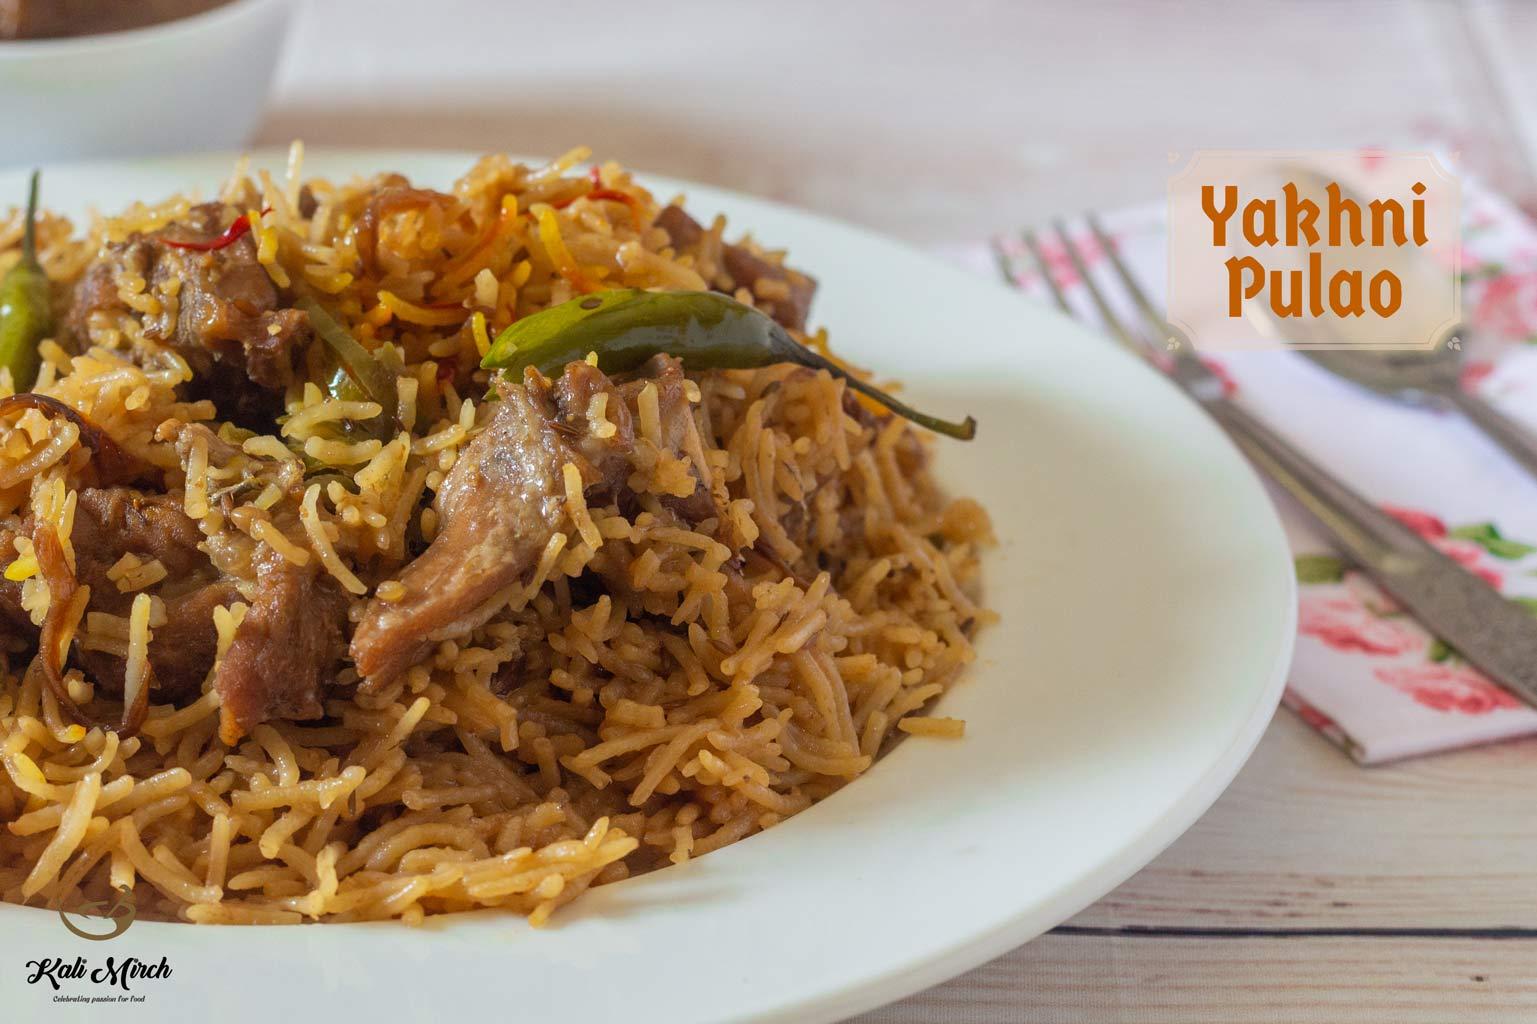 Yakhni Pulao